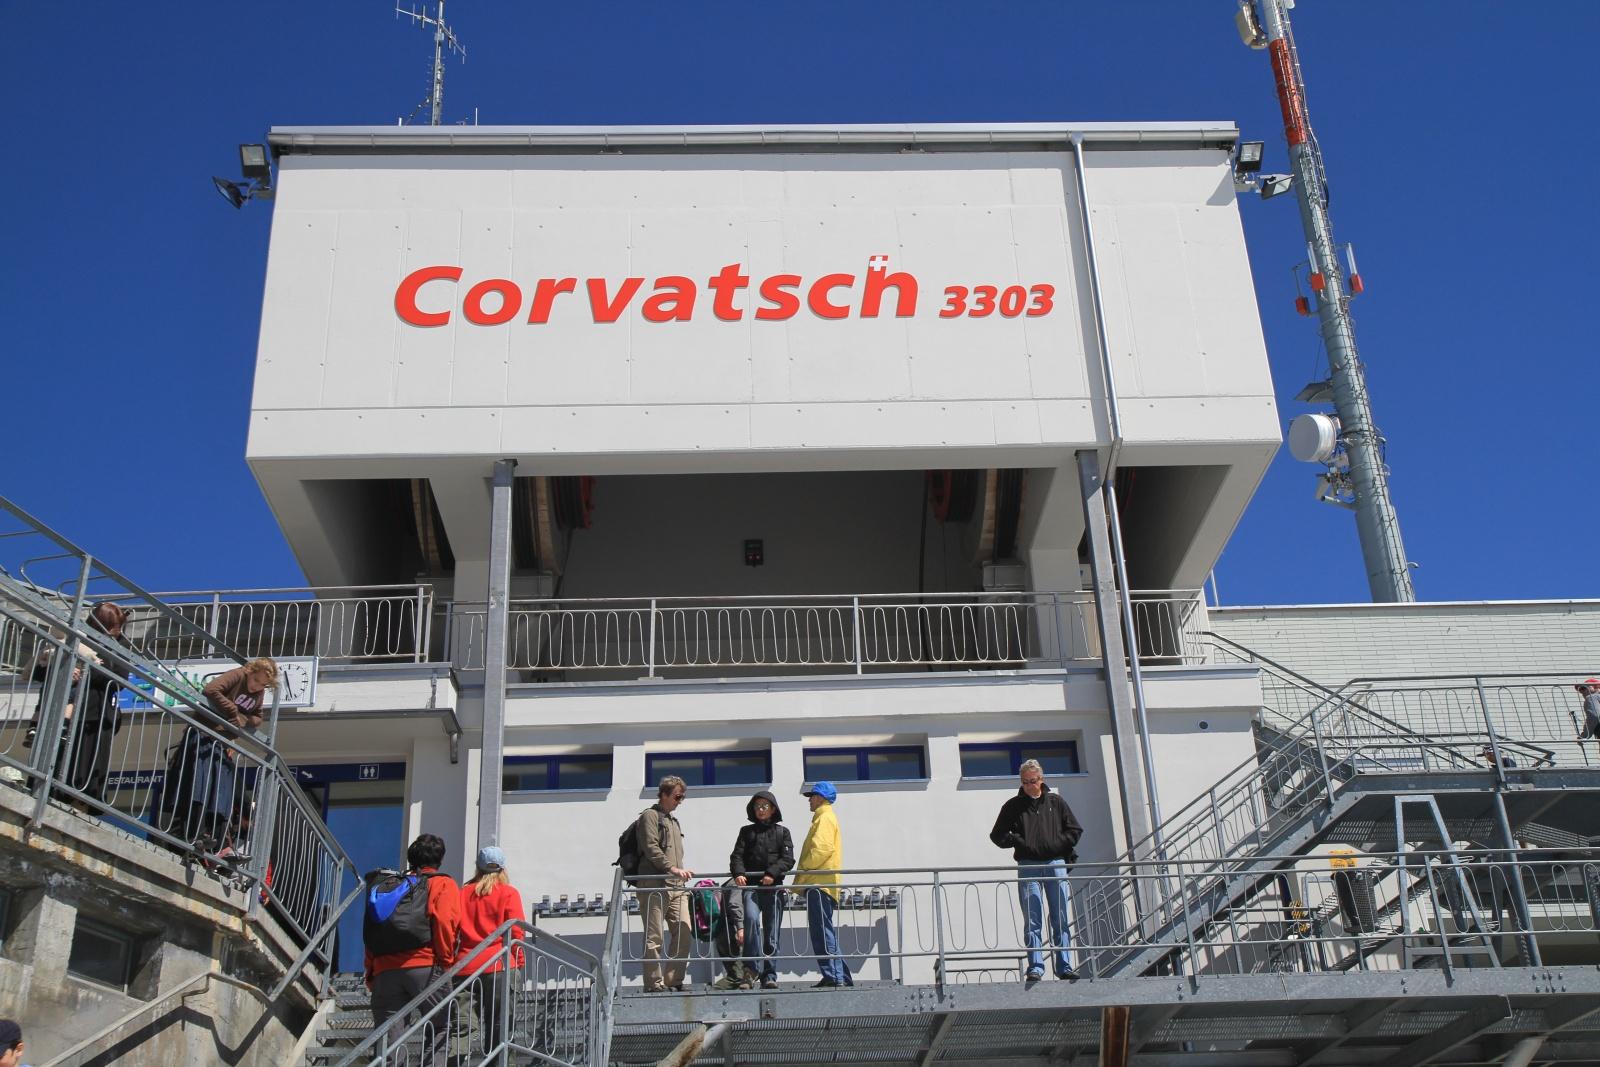 CORVATSCH - CORVATSCH